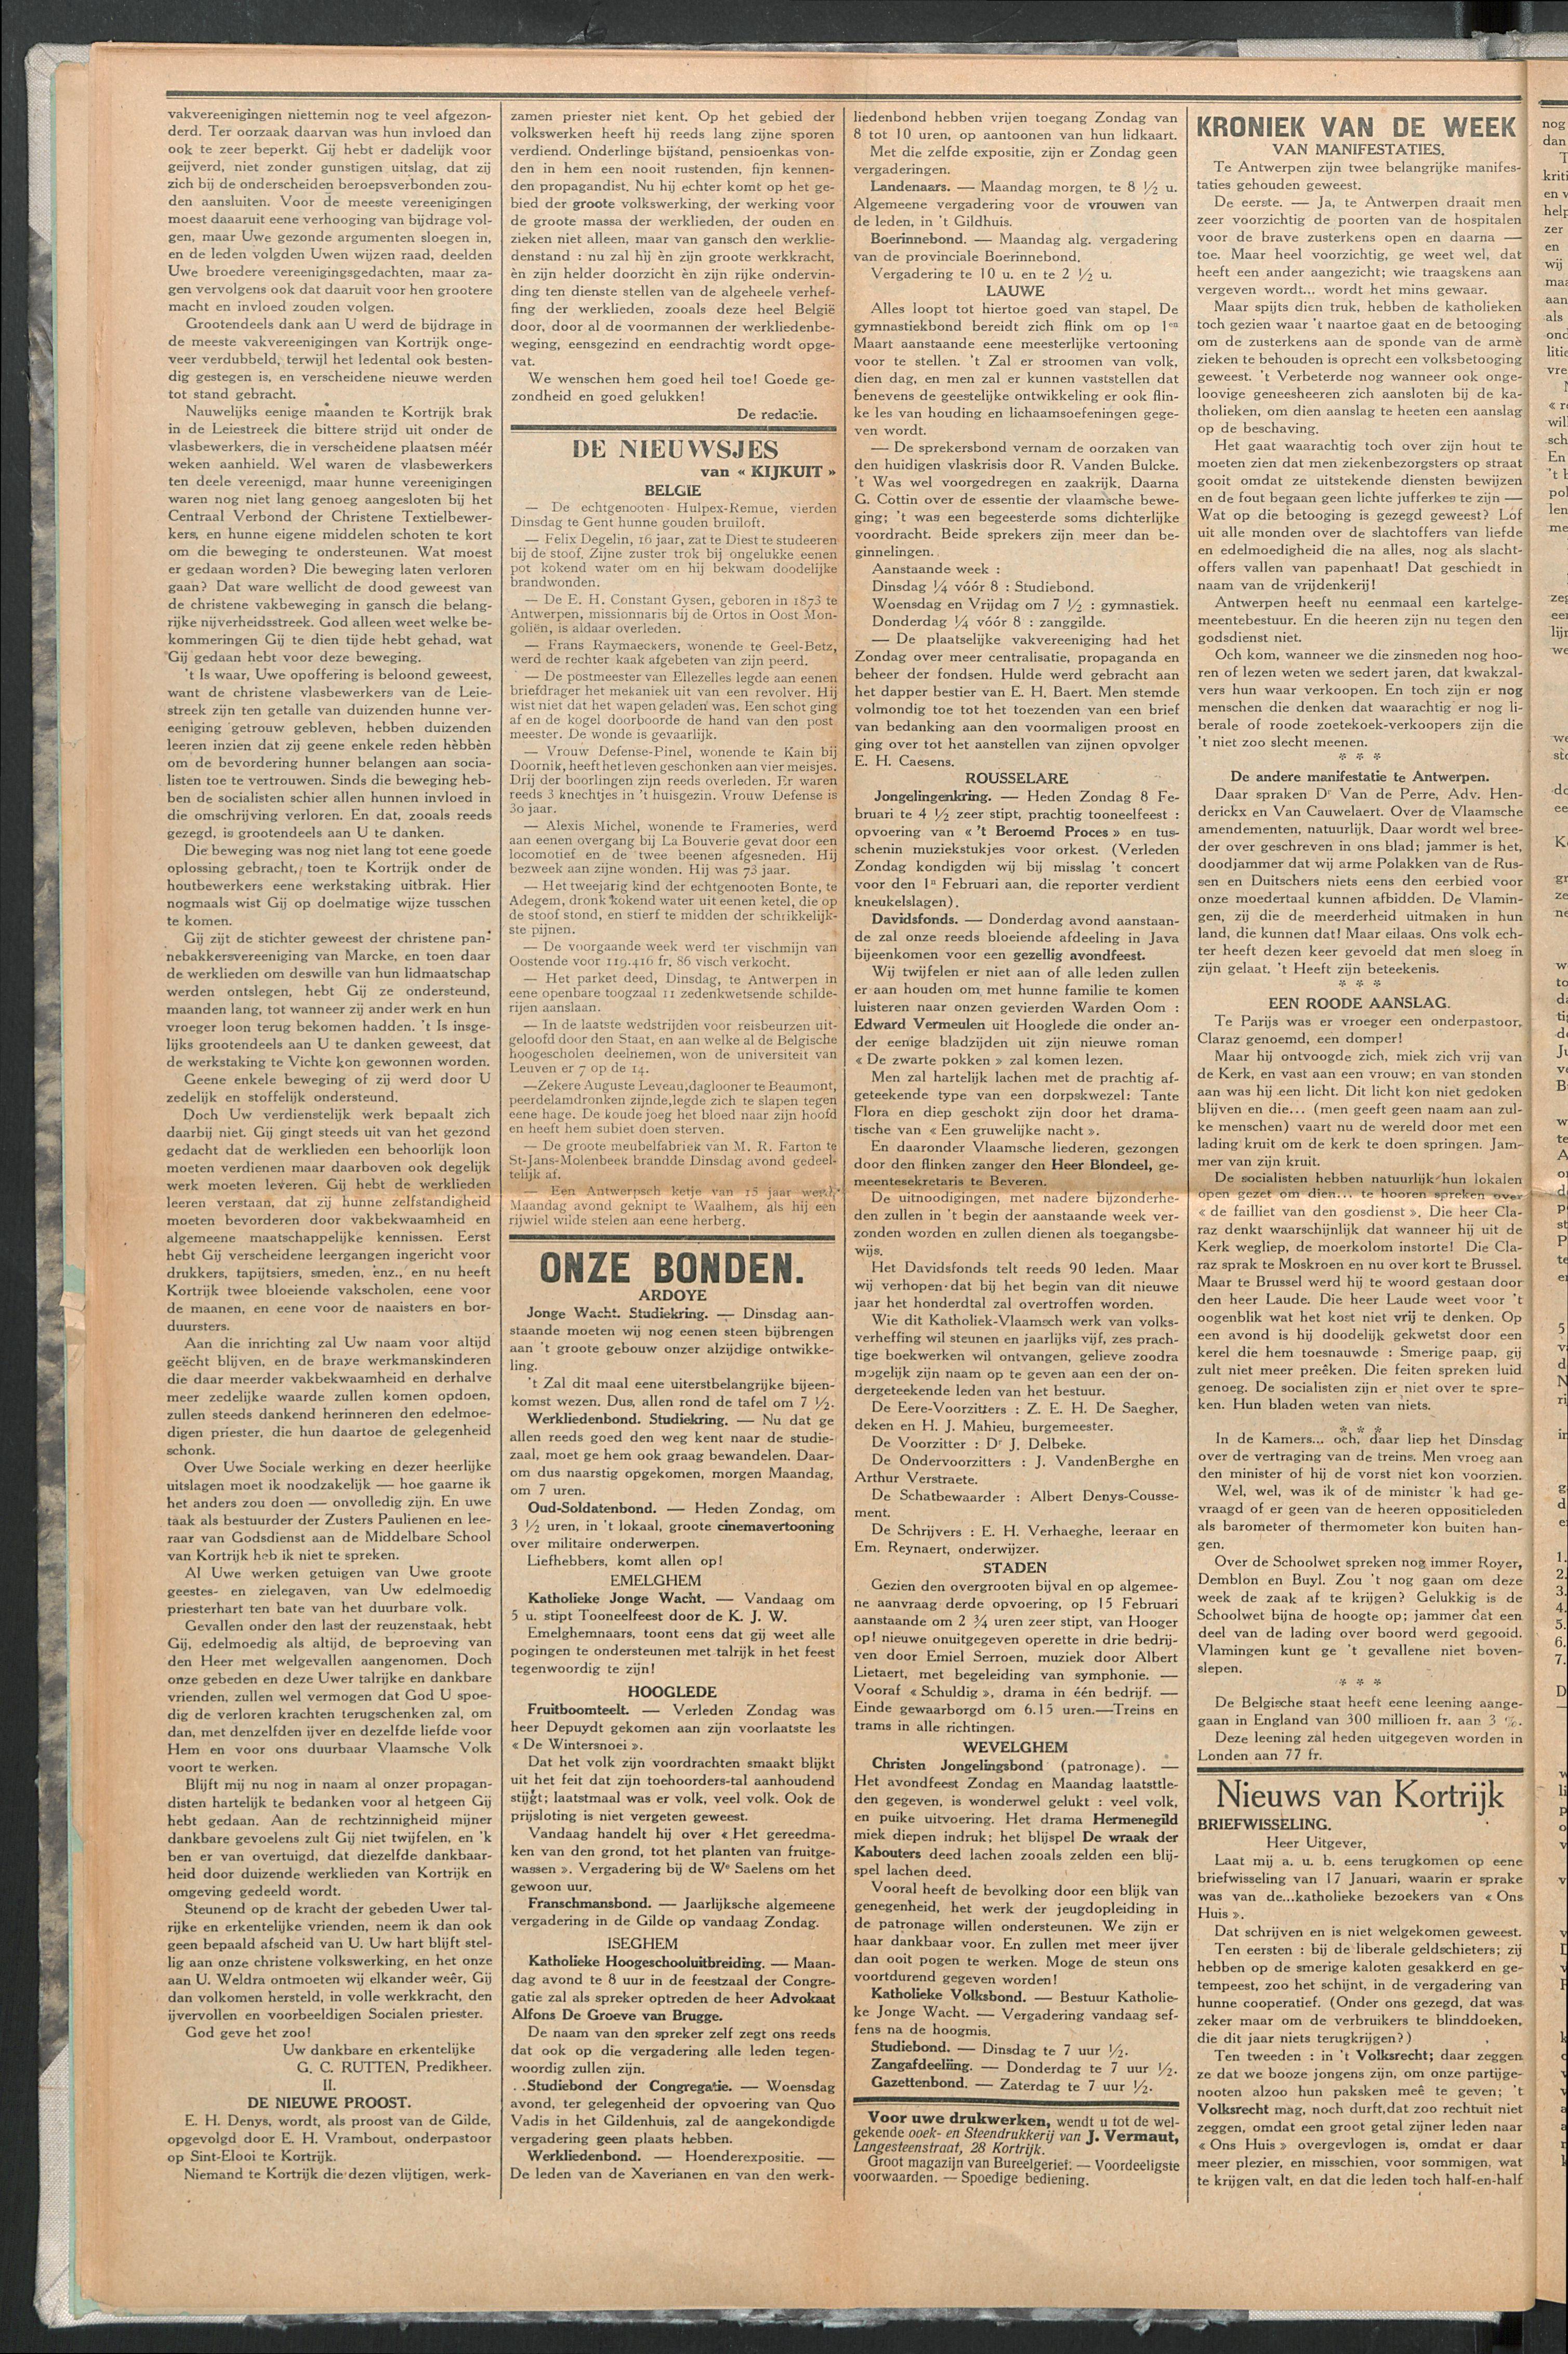 Het Kortrijksche Volk 1914-02-08 p2